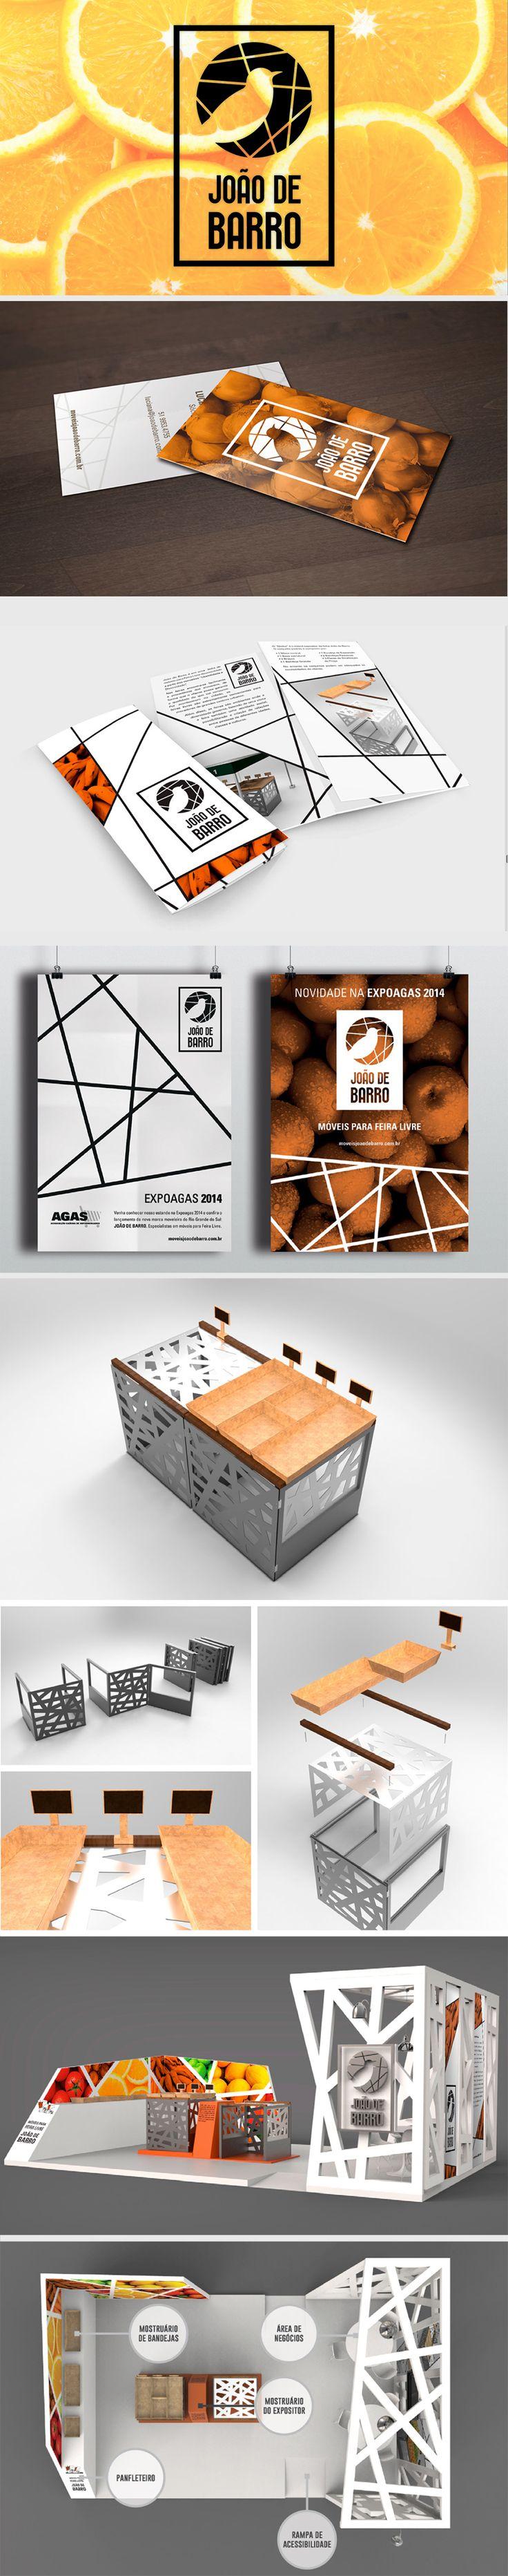 João de Barro - Branding, Product and Exhibition Design // Design by Henrique Monteiro, Camila Ozio and Luciana Hikari // Integrated Project 2  // Universidade Federal do Rio Grande do Sul // Prof. Fabiano Scherer